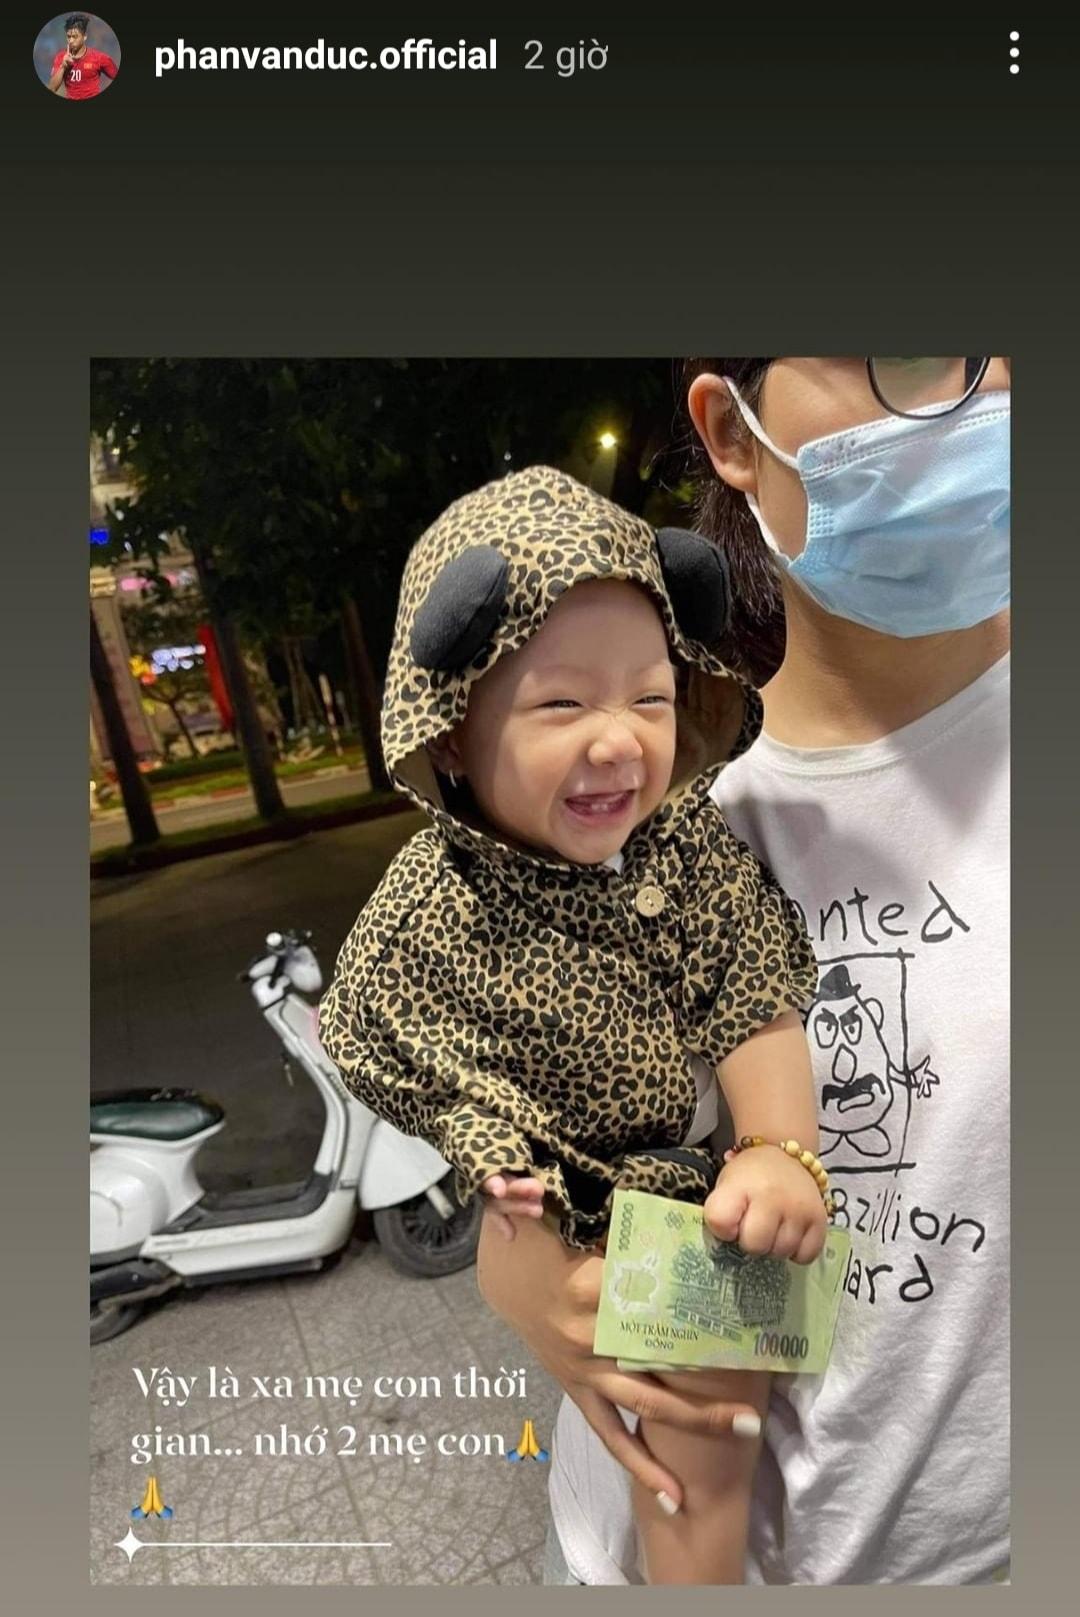 Phan Văn Đức tâm trạng khi phải xa gia đình, Xuân Mạnh bị dằn mặt vì đăng status: Cách ly vợ nửa tháng có vẻ vui - Ảnh 1.